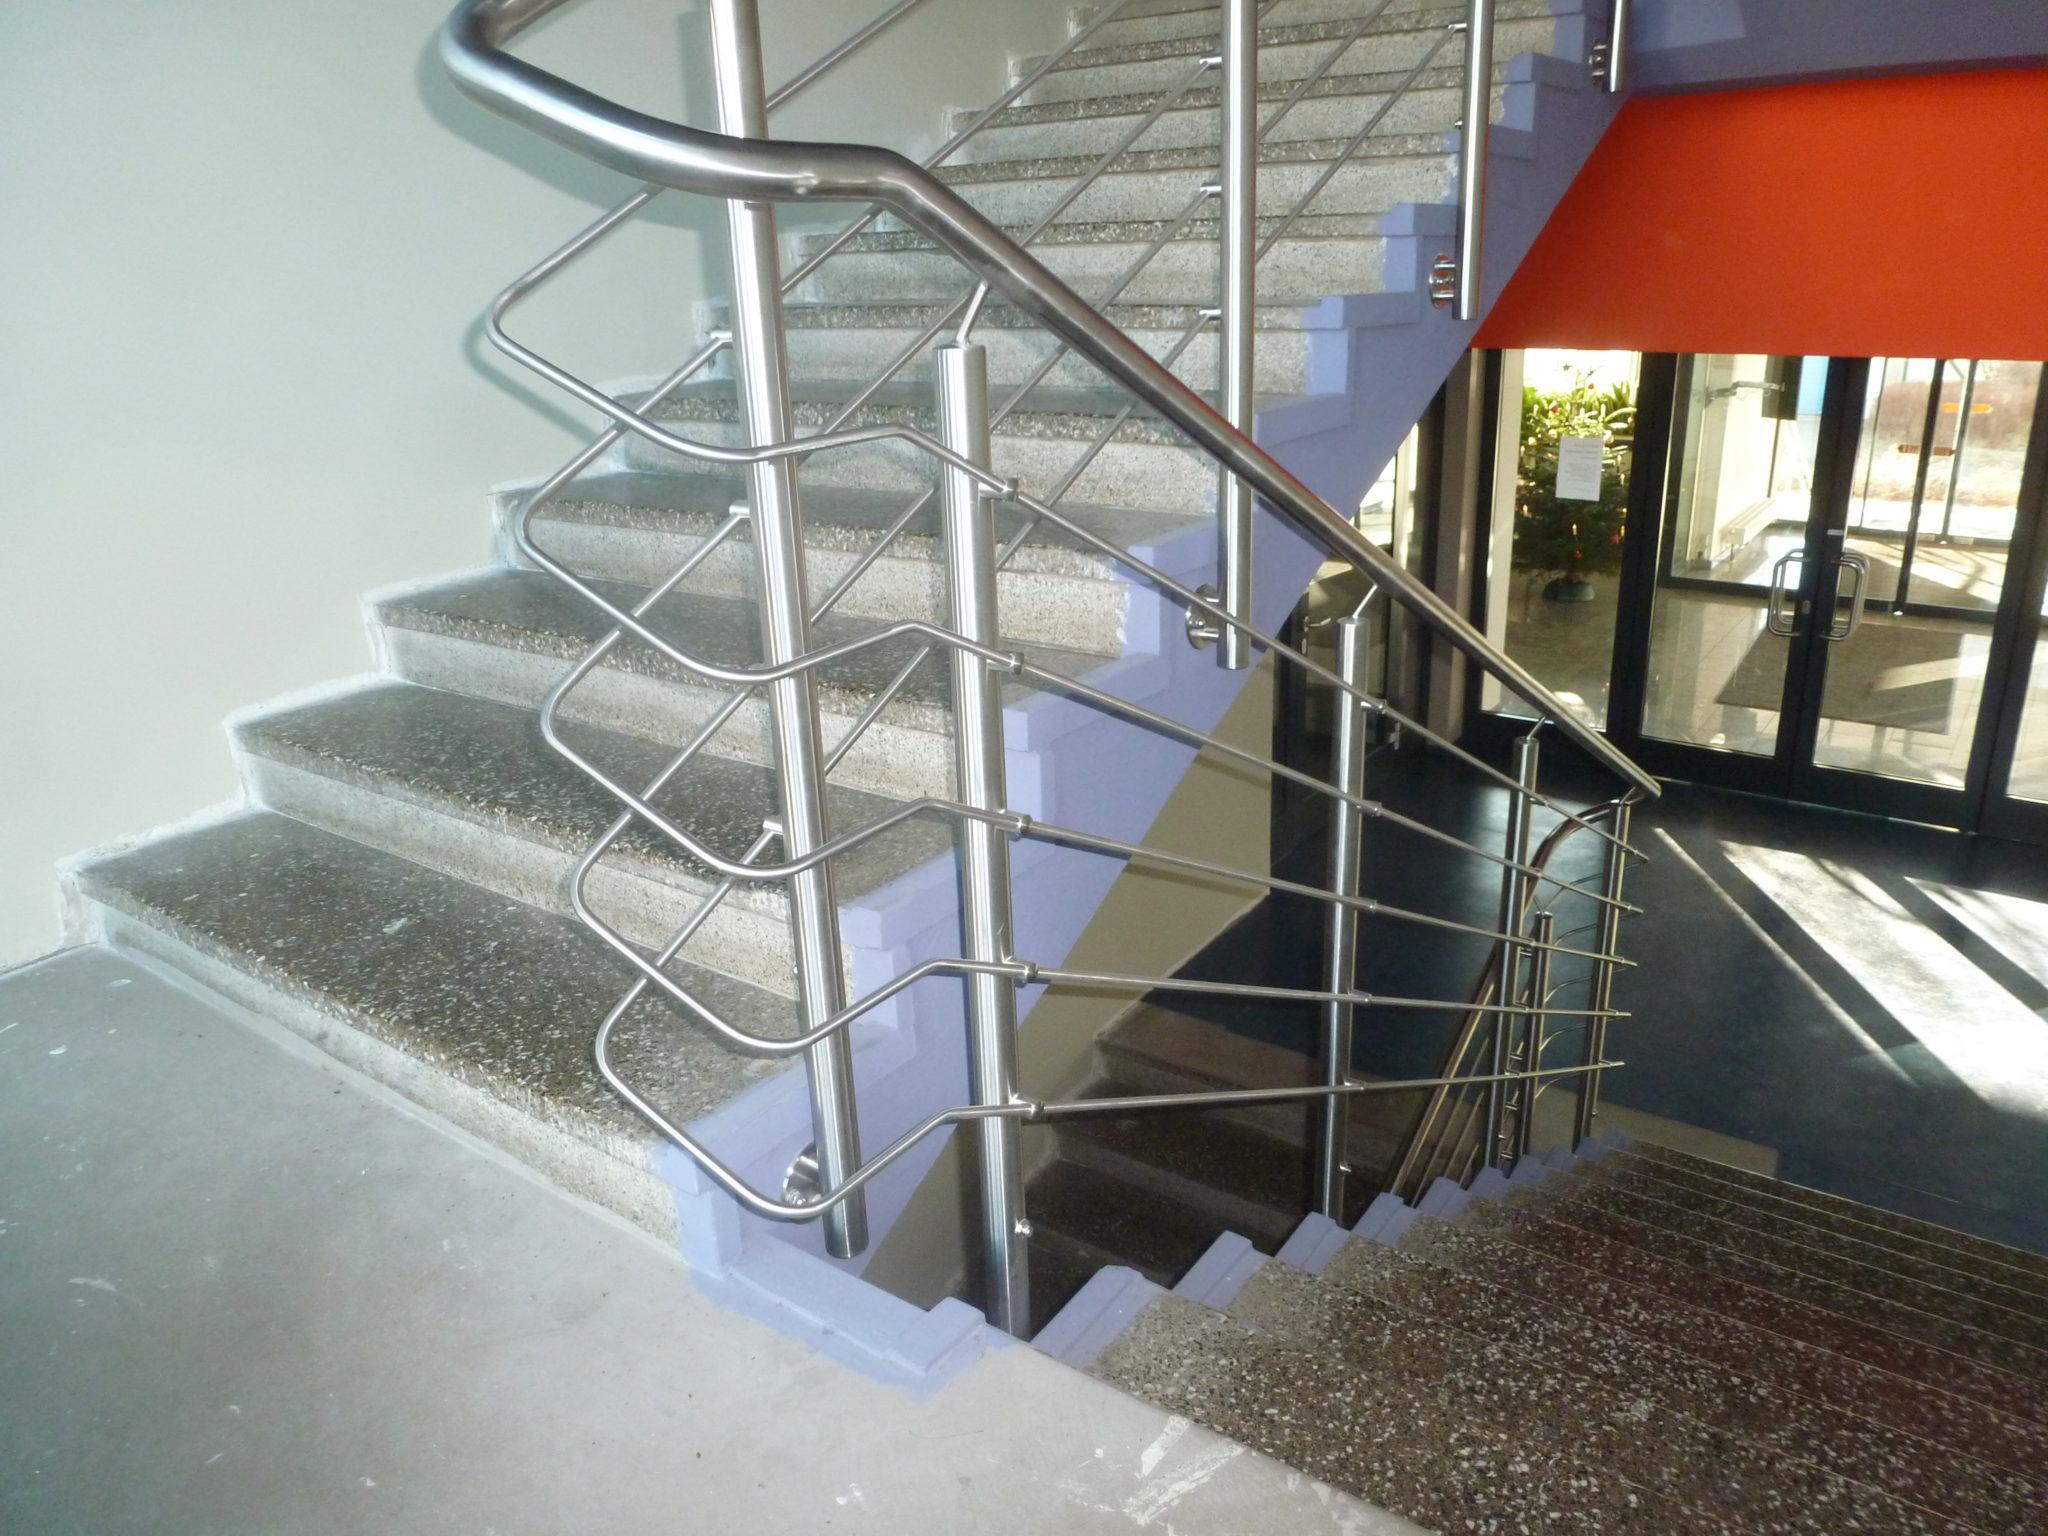 Geländer im Treppenhaus eines Verwaltungsgebäudes